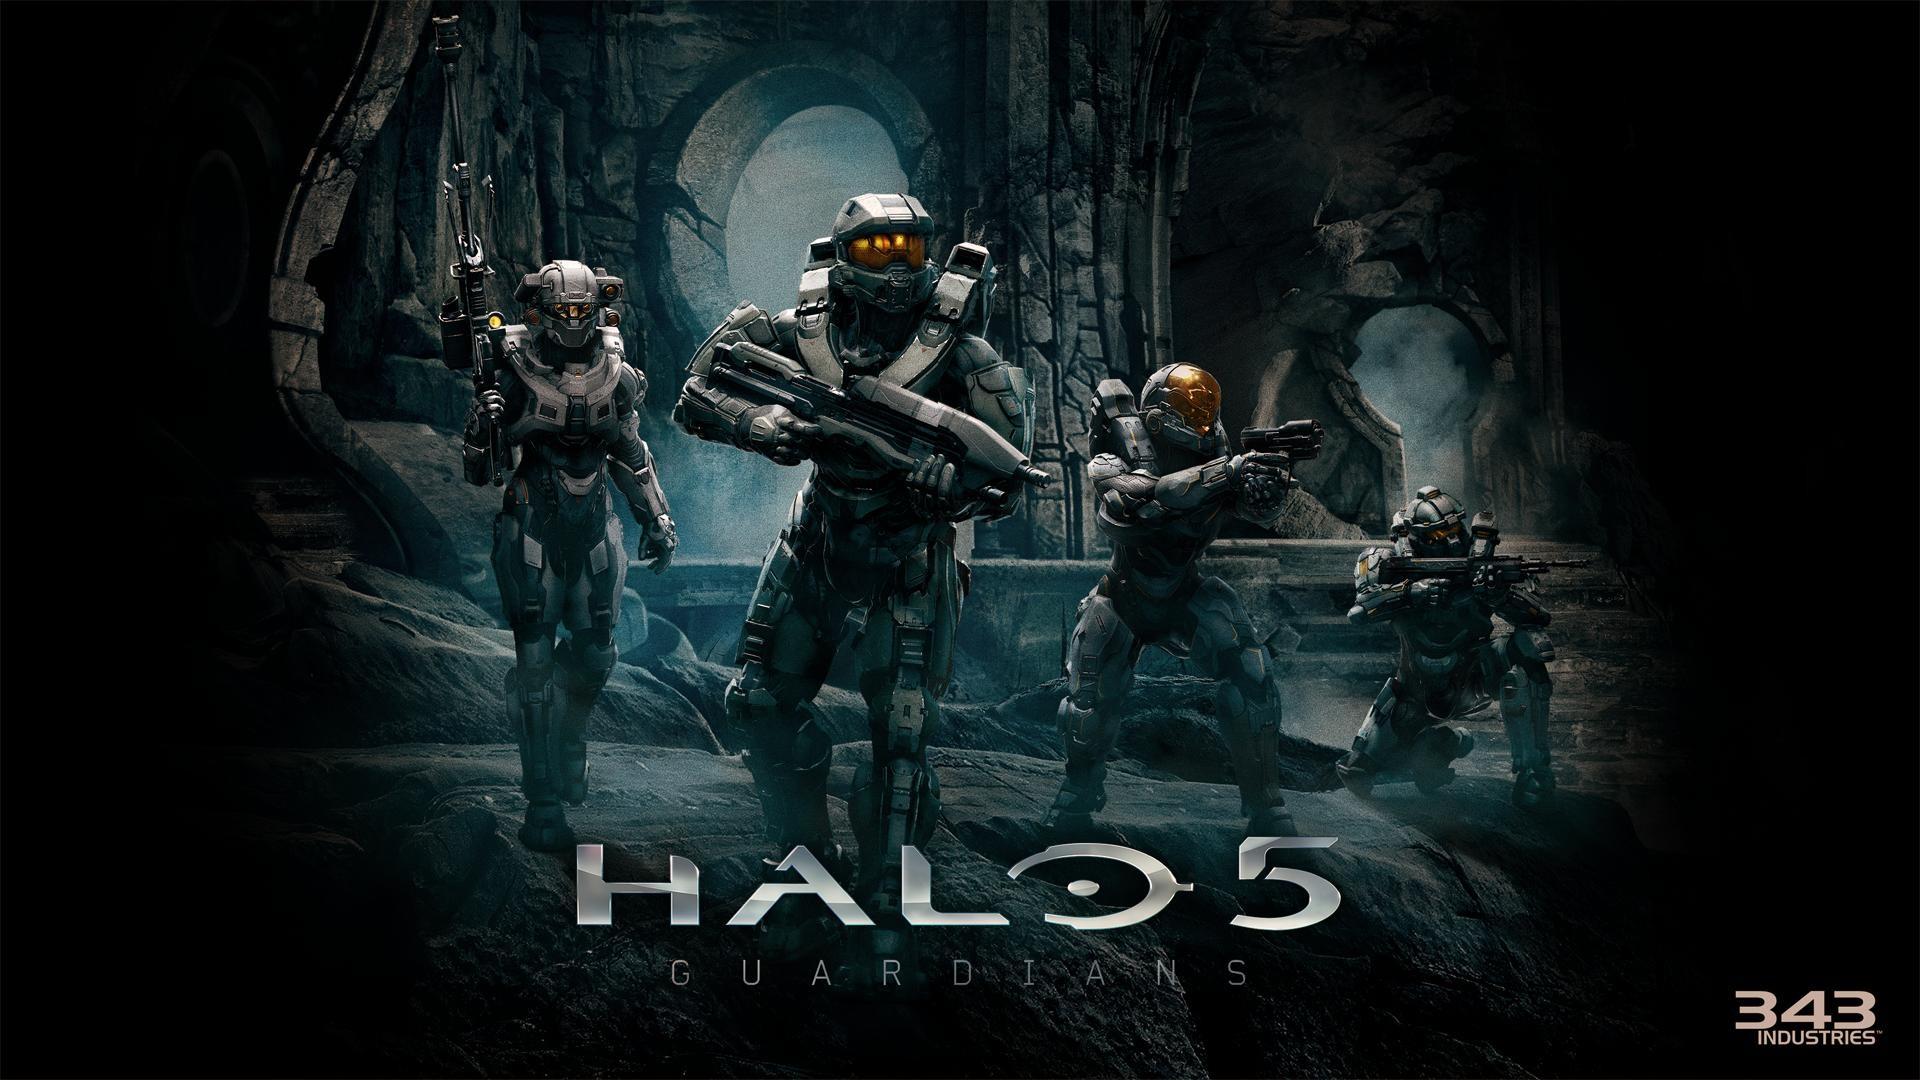 Wallpaper Halo 5 Guardians 06 sur PS4 Xbox One WiiU PS3 PS Vita 1920x1080